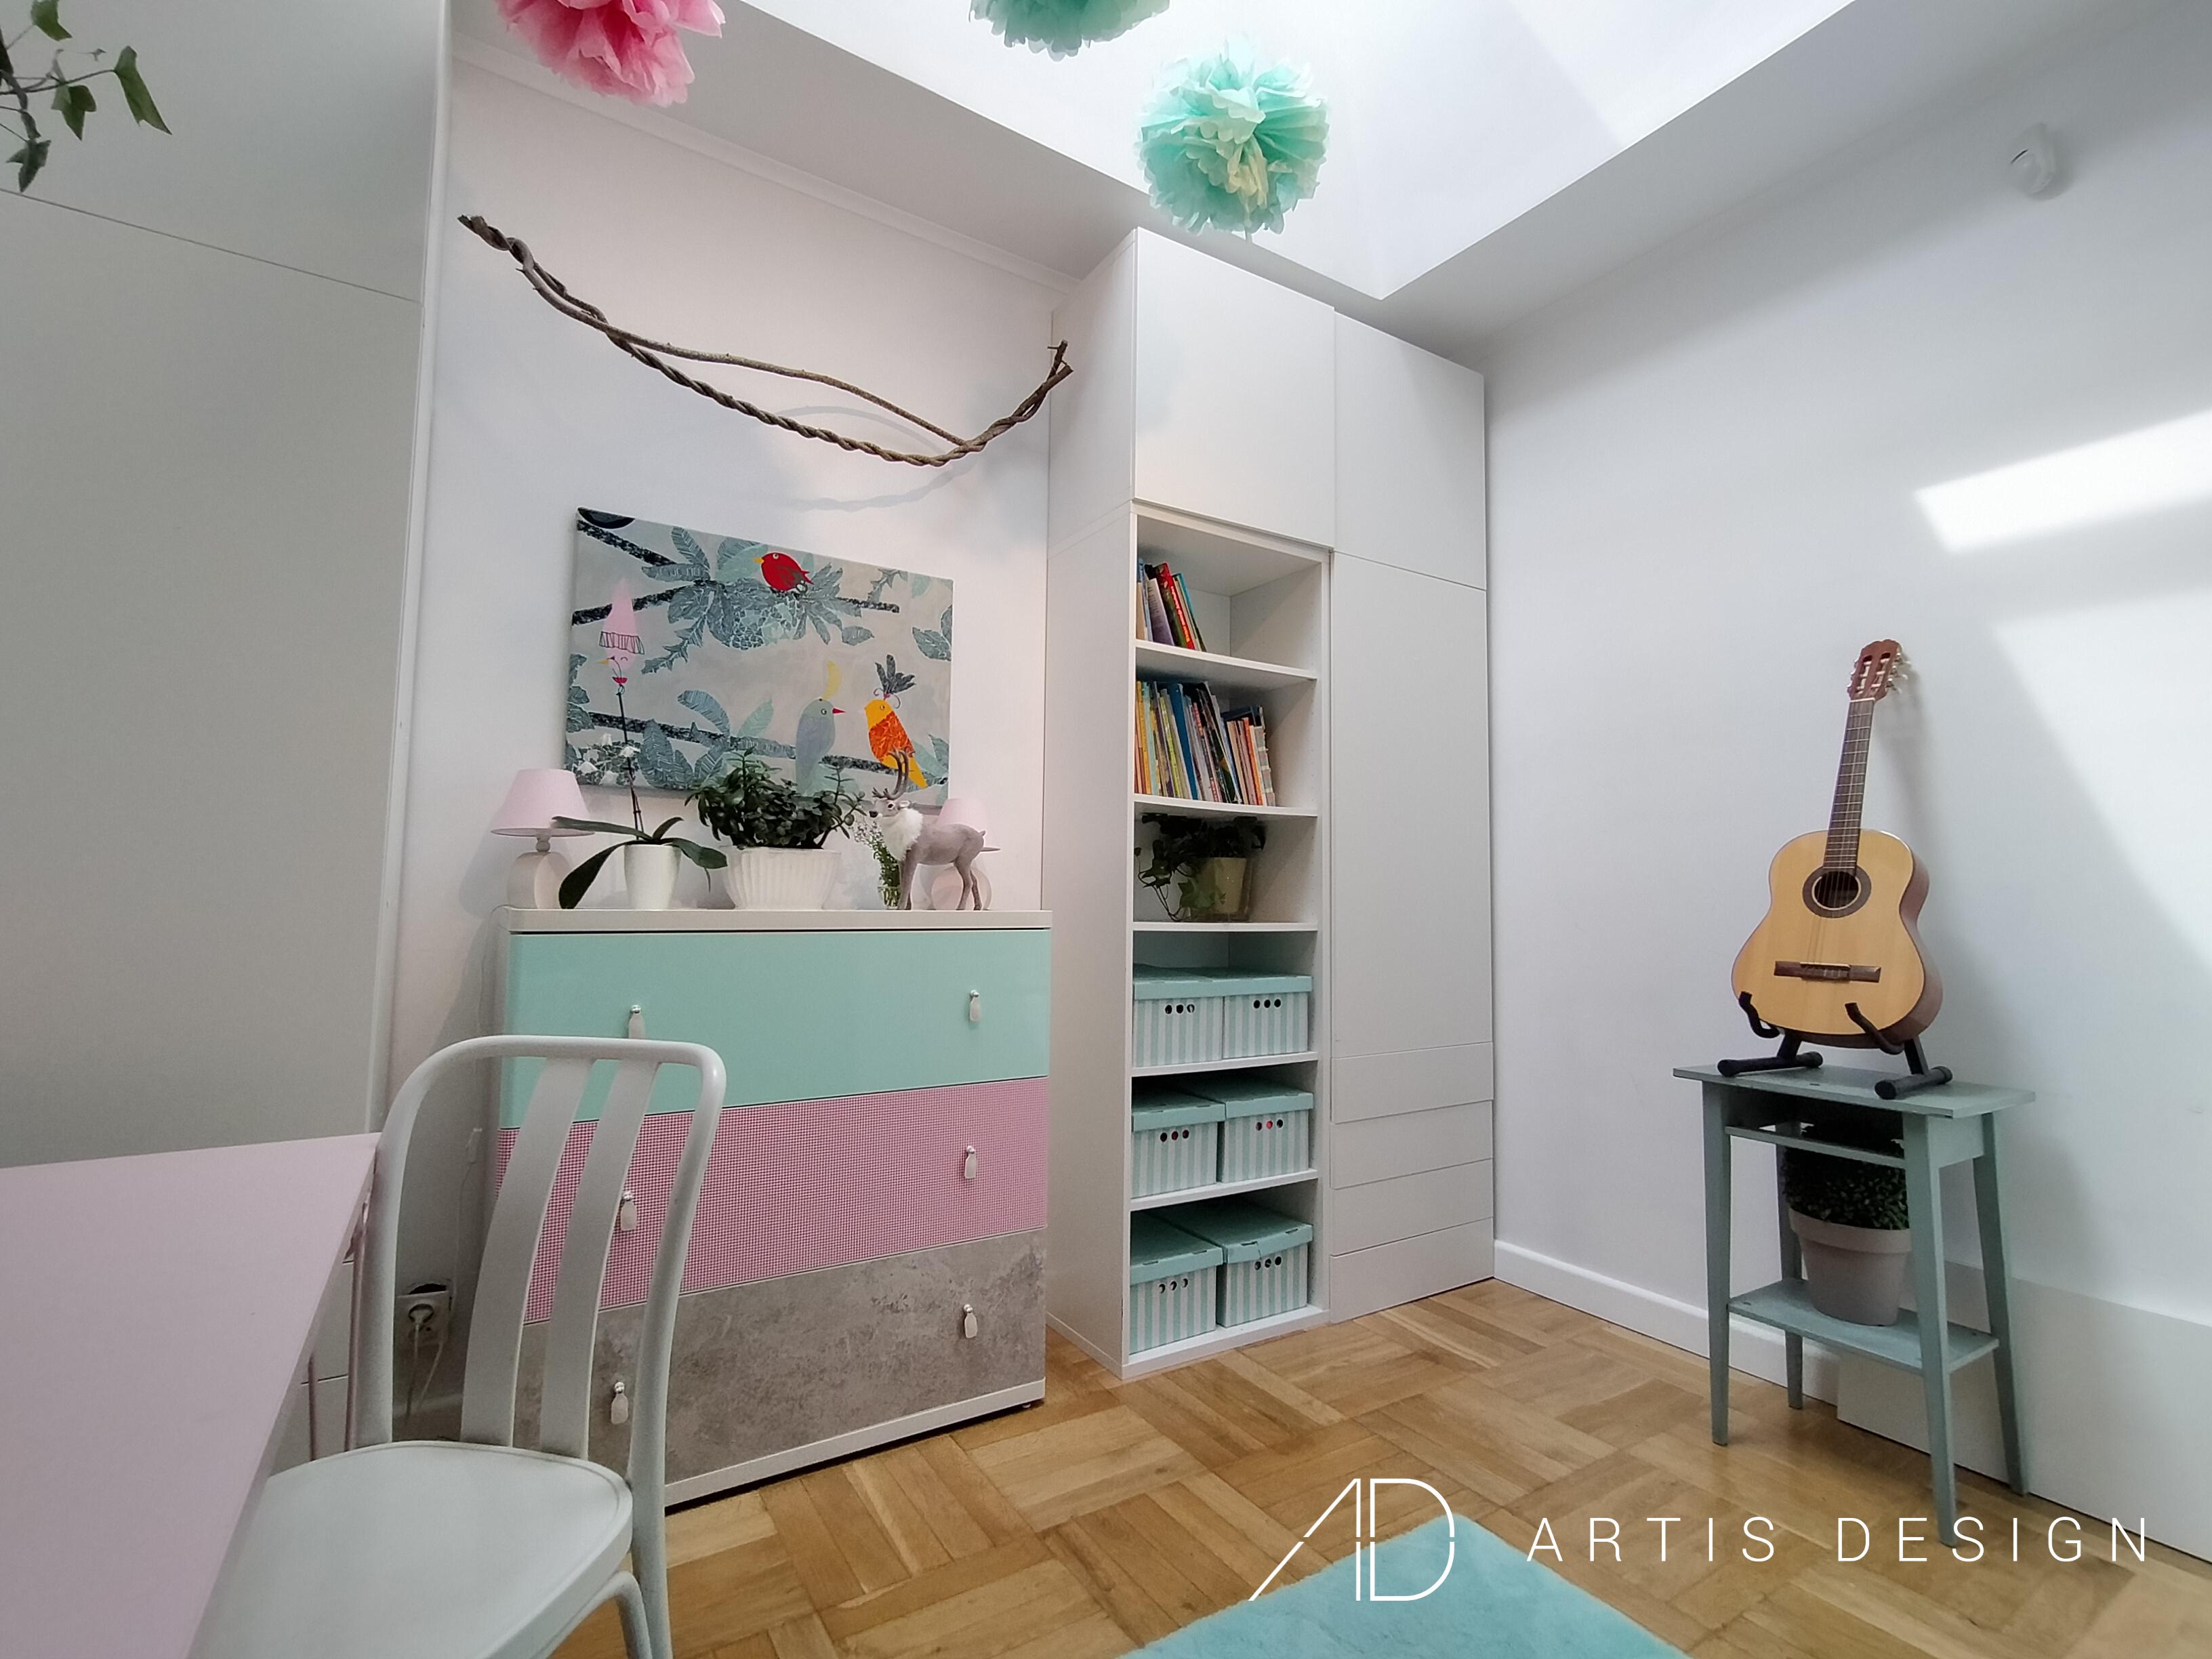 Projekt: Pokój nastolatki   Artis Design: Studio projektowe